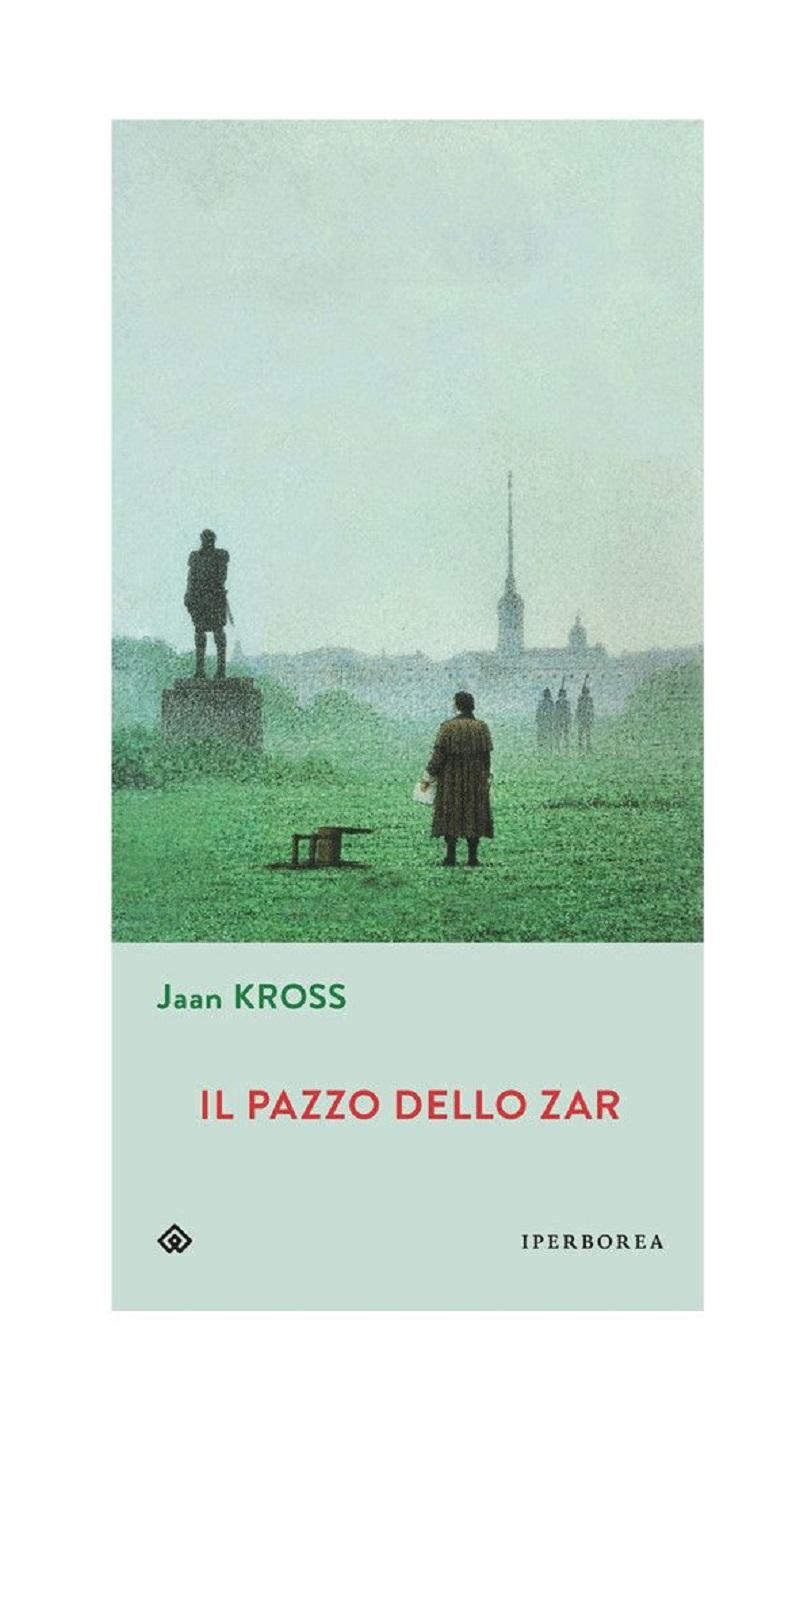 Jaan-Kross-Il-pazzo-dello-zar